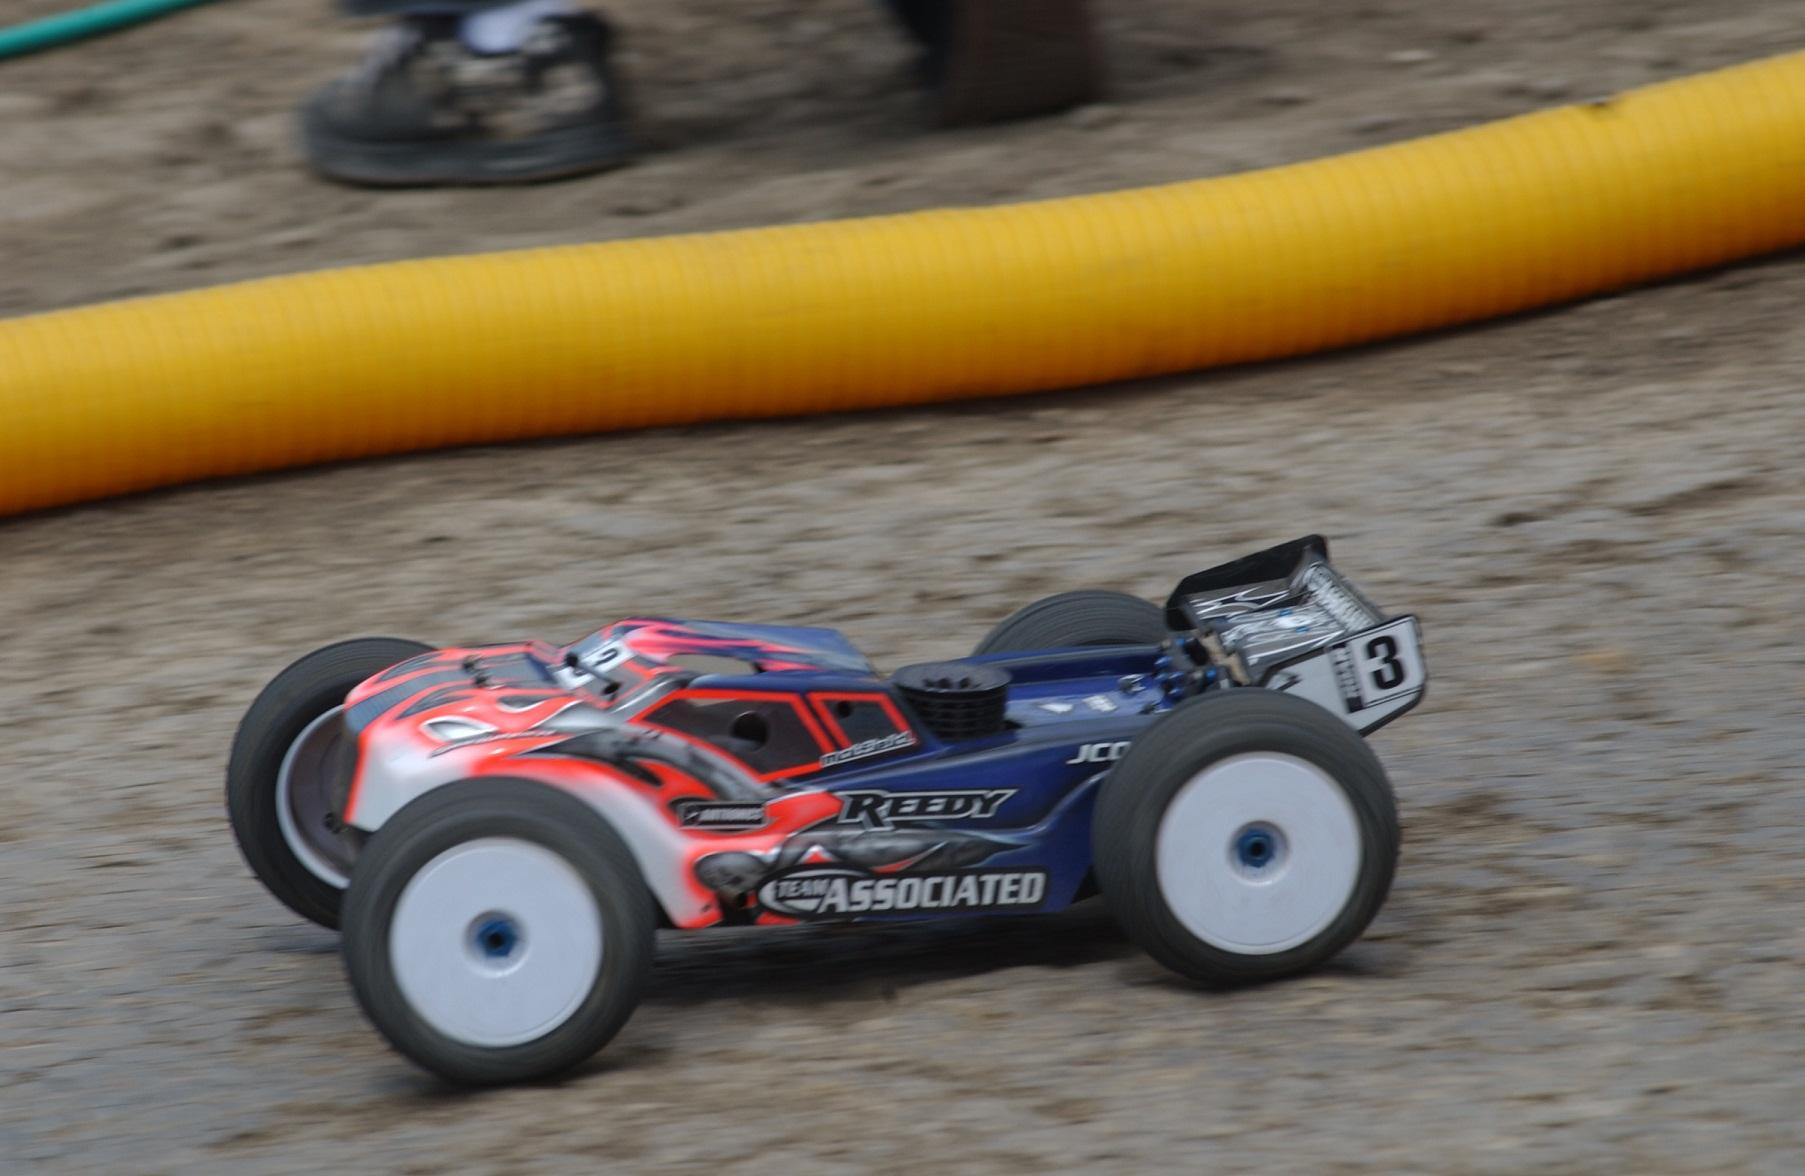 rc cars racing - HD1805×1176